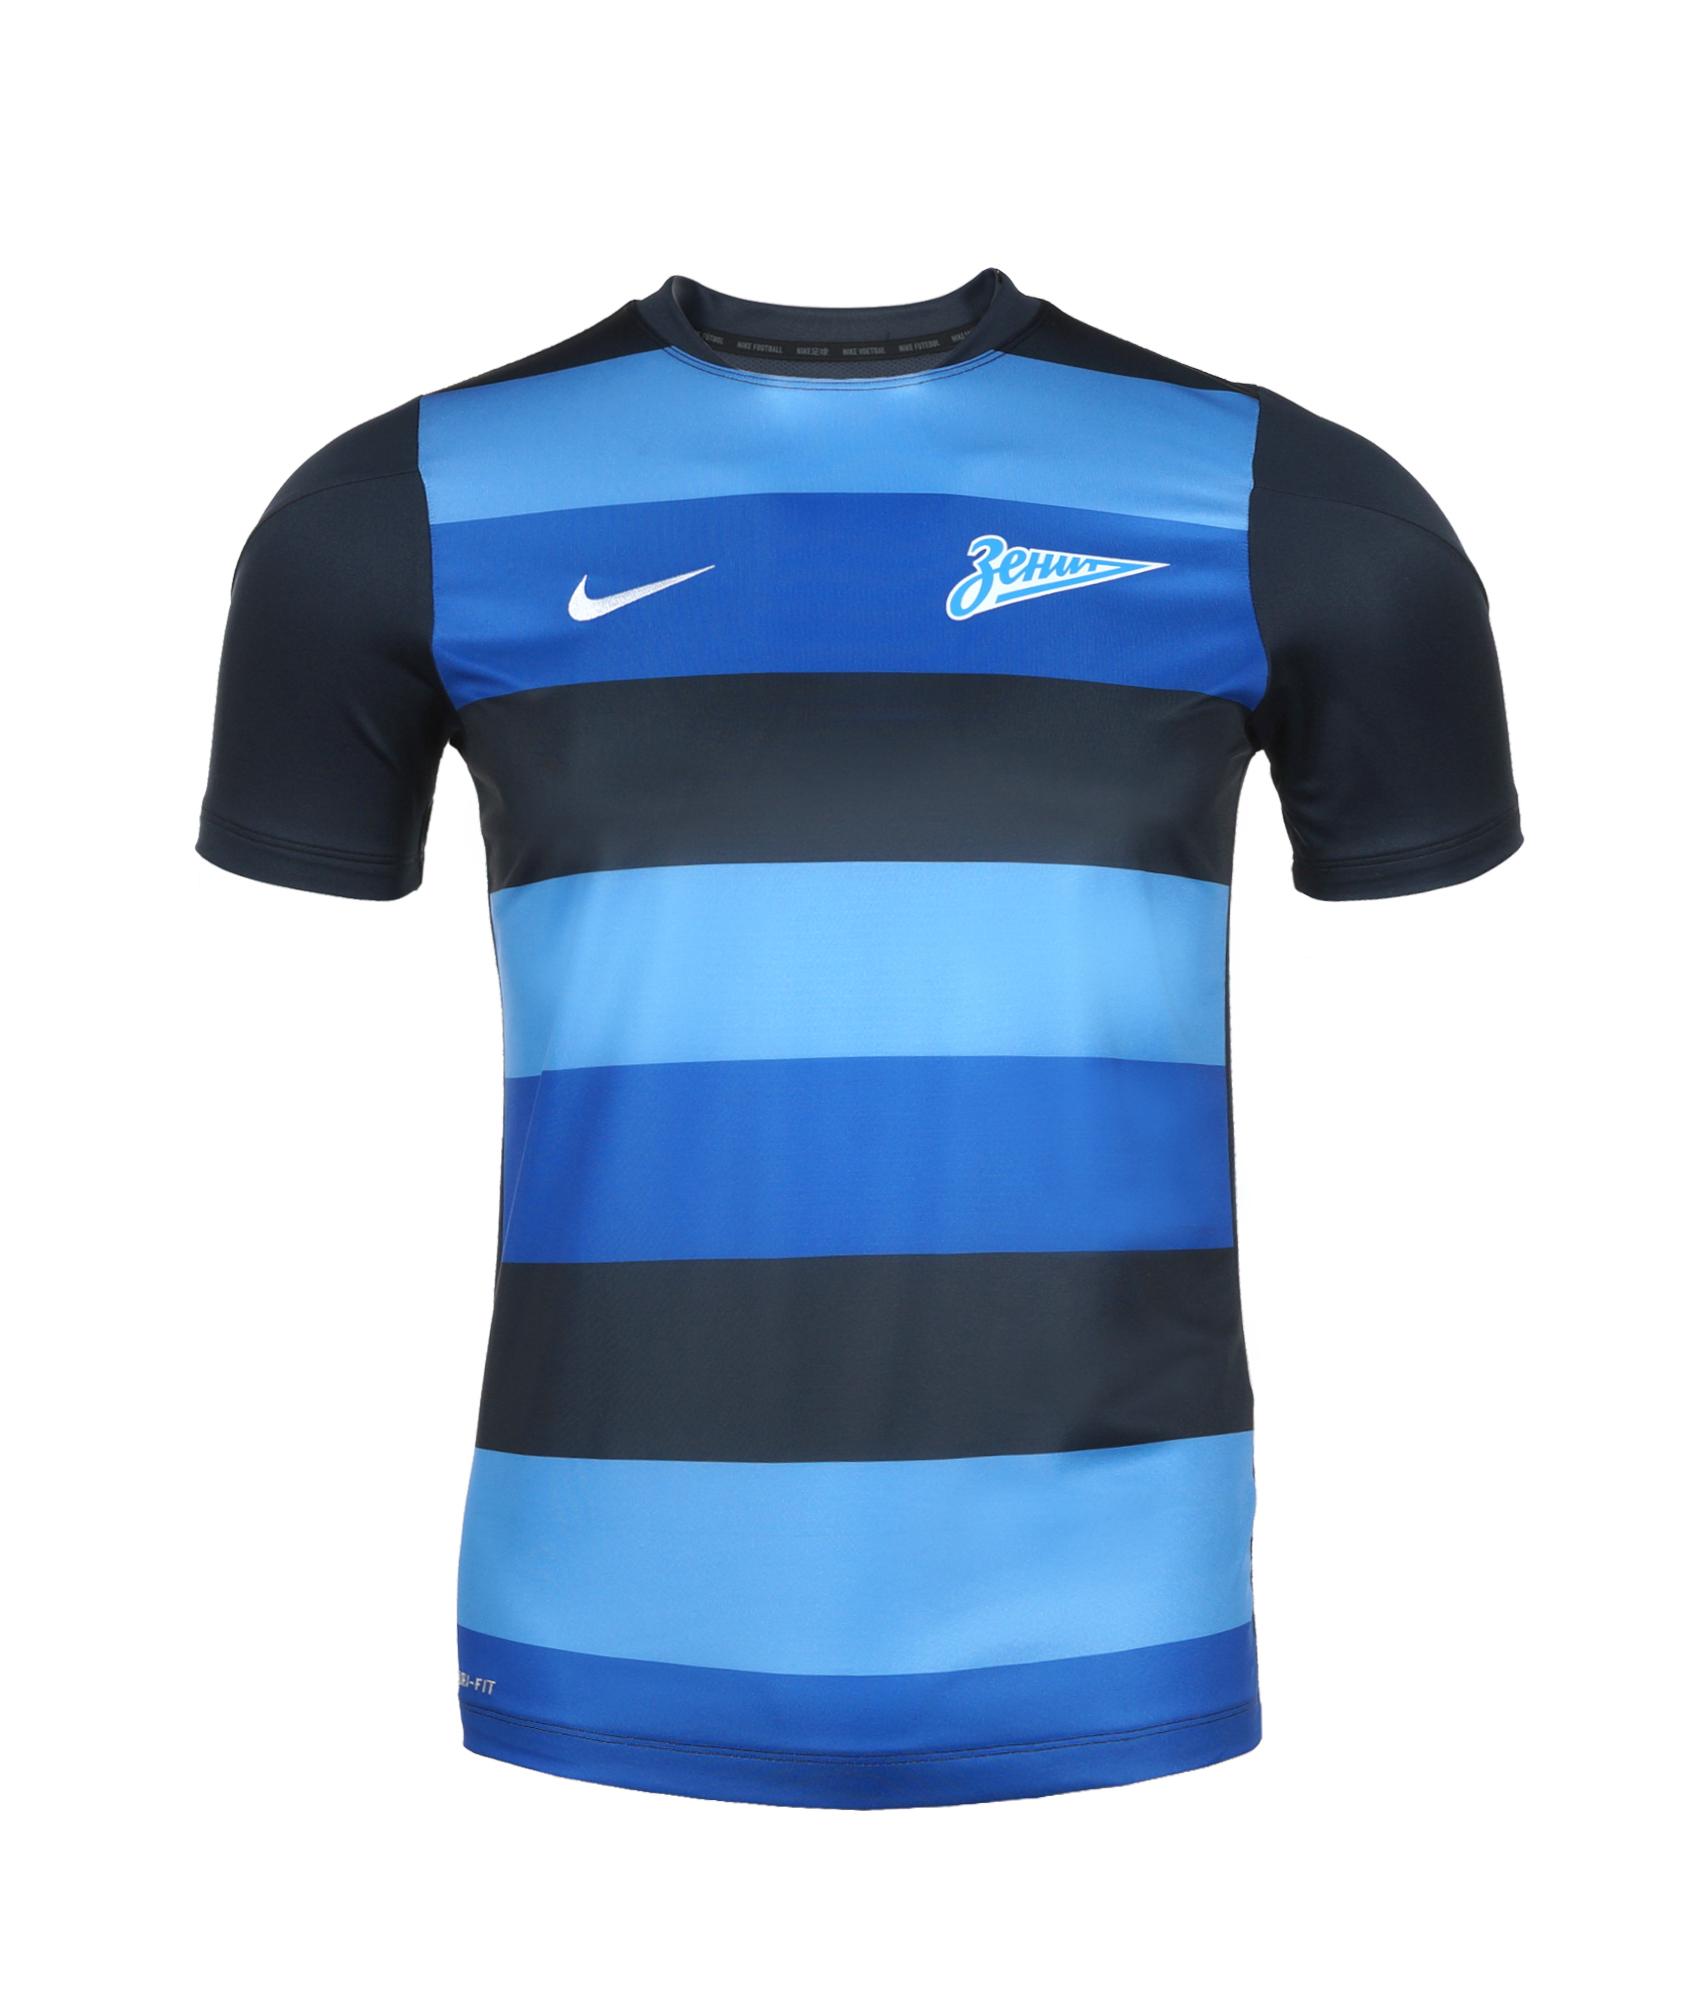 Предыгровая футболка, Цвет-Синий, Размер-L